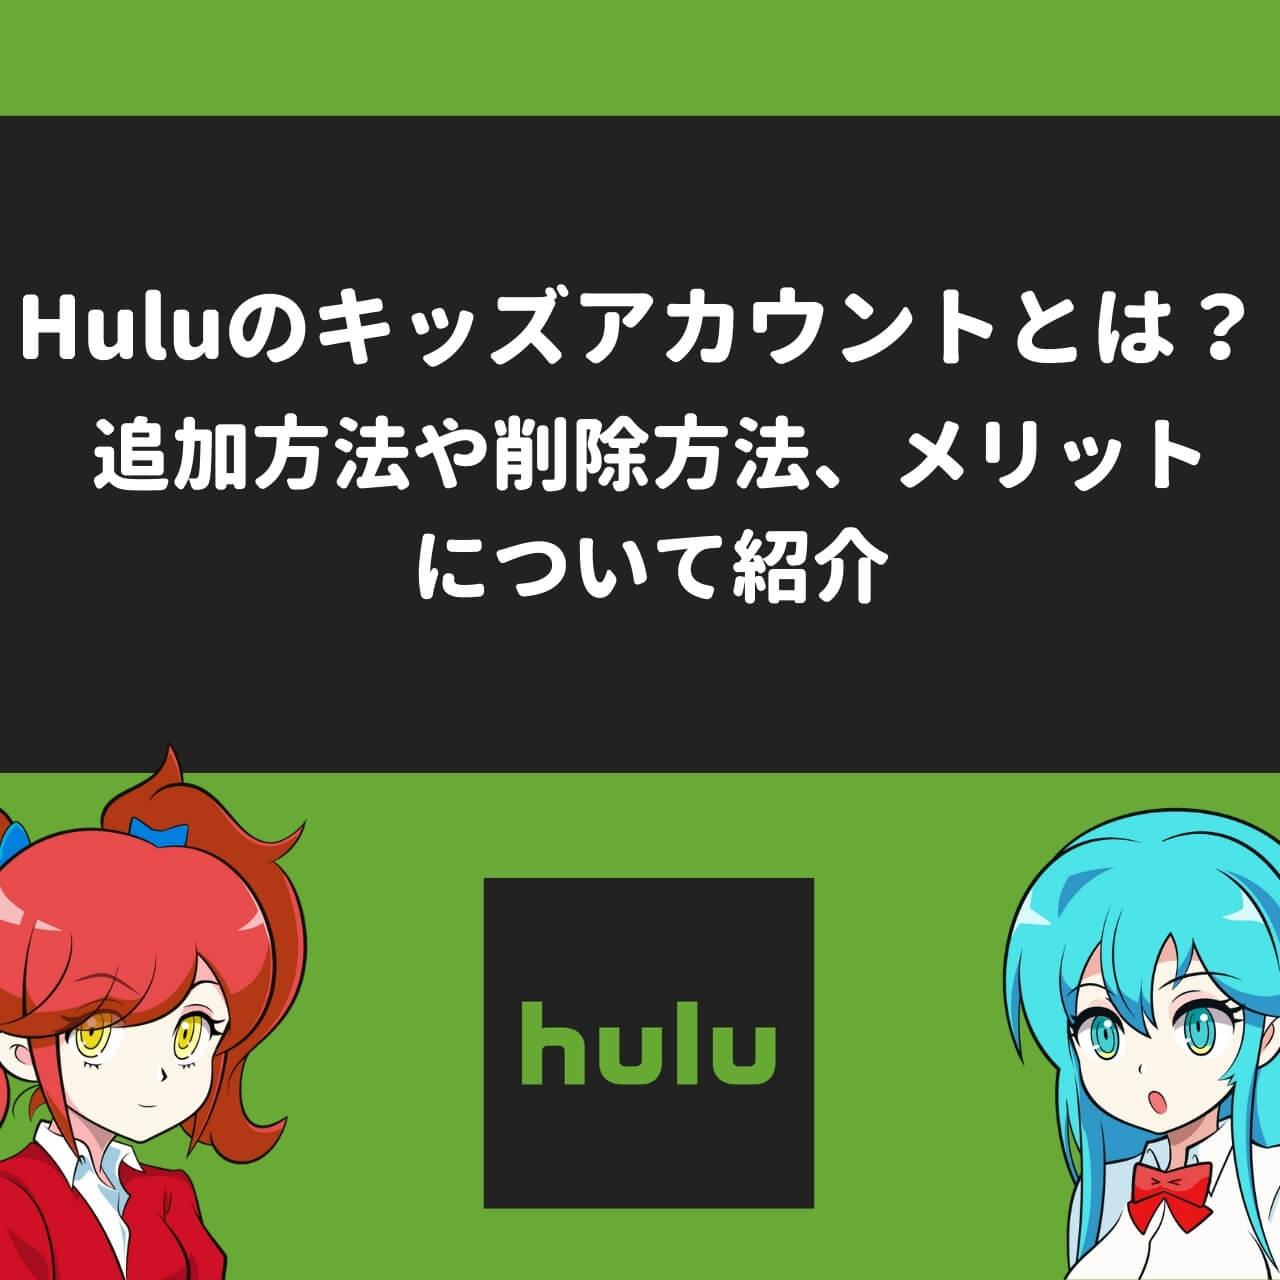 Huluのキッズアカウントとは?追加方法や削除方法、メリットについて紹介